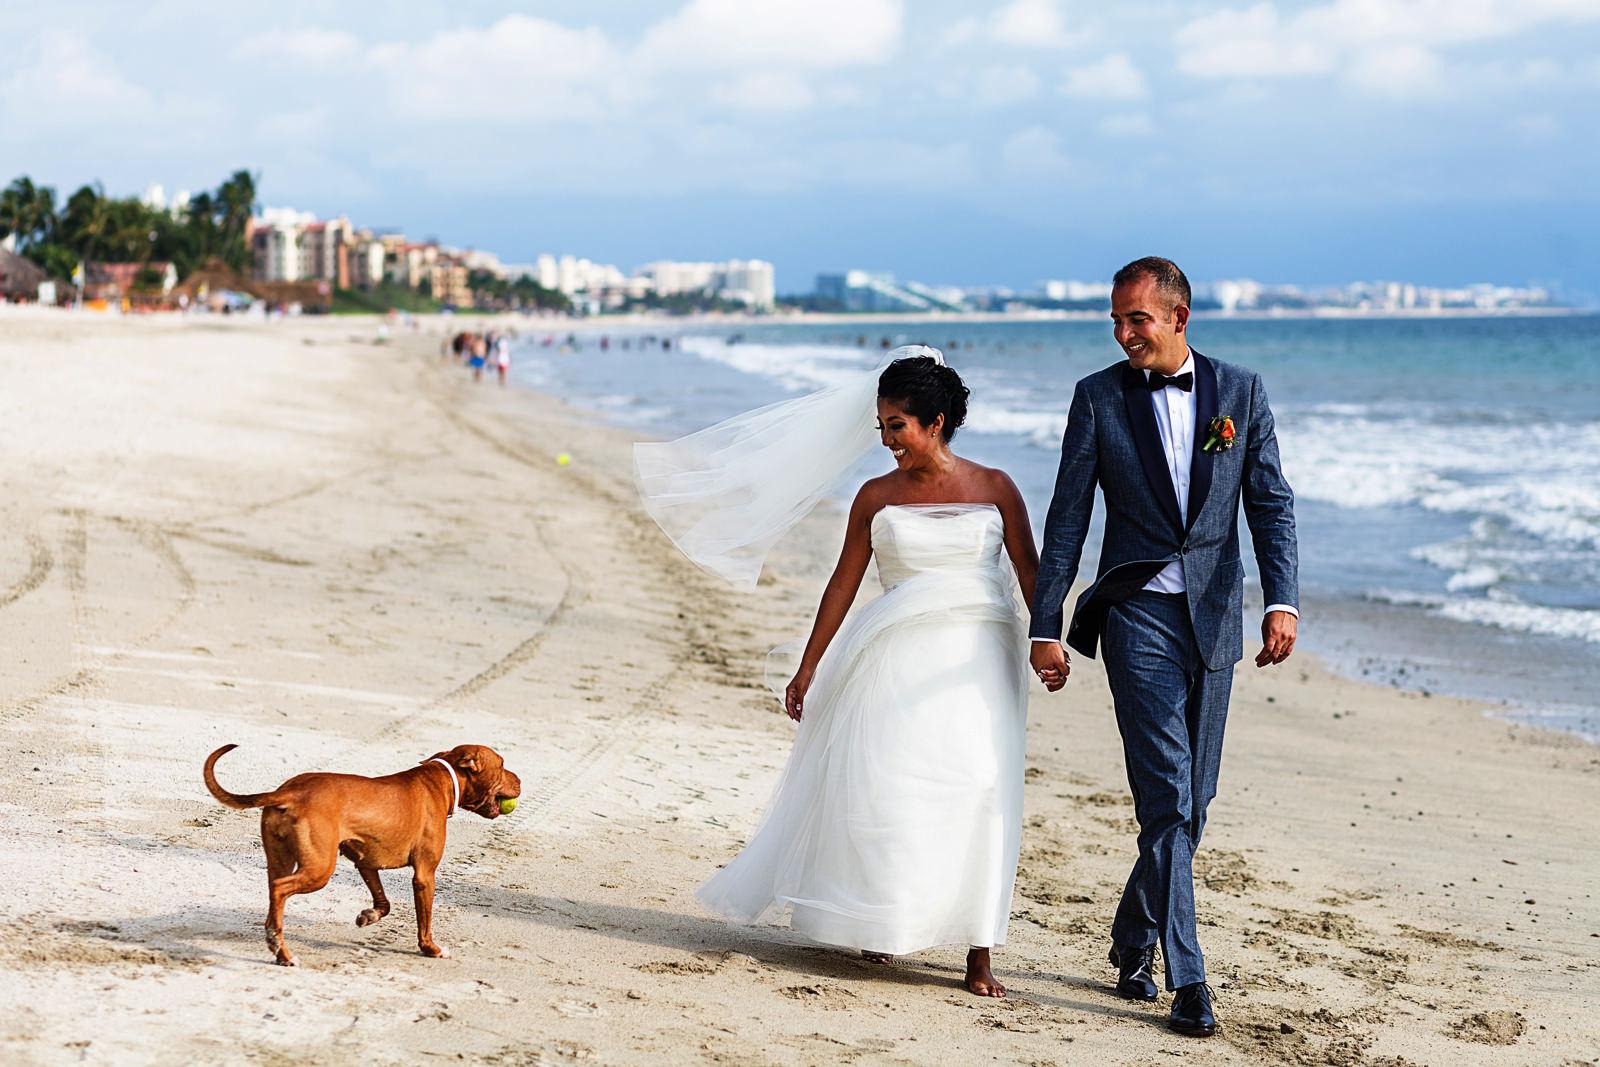 Pareja en el dia de su boda paseando por la playa de Bucerias, Nayarit, un perro acercandose les trae una pelota. Eder Acevedo fotografo de bodas Bucerias